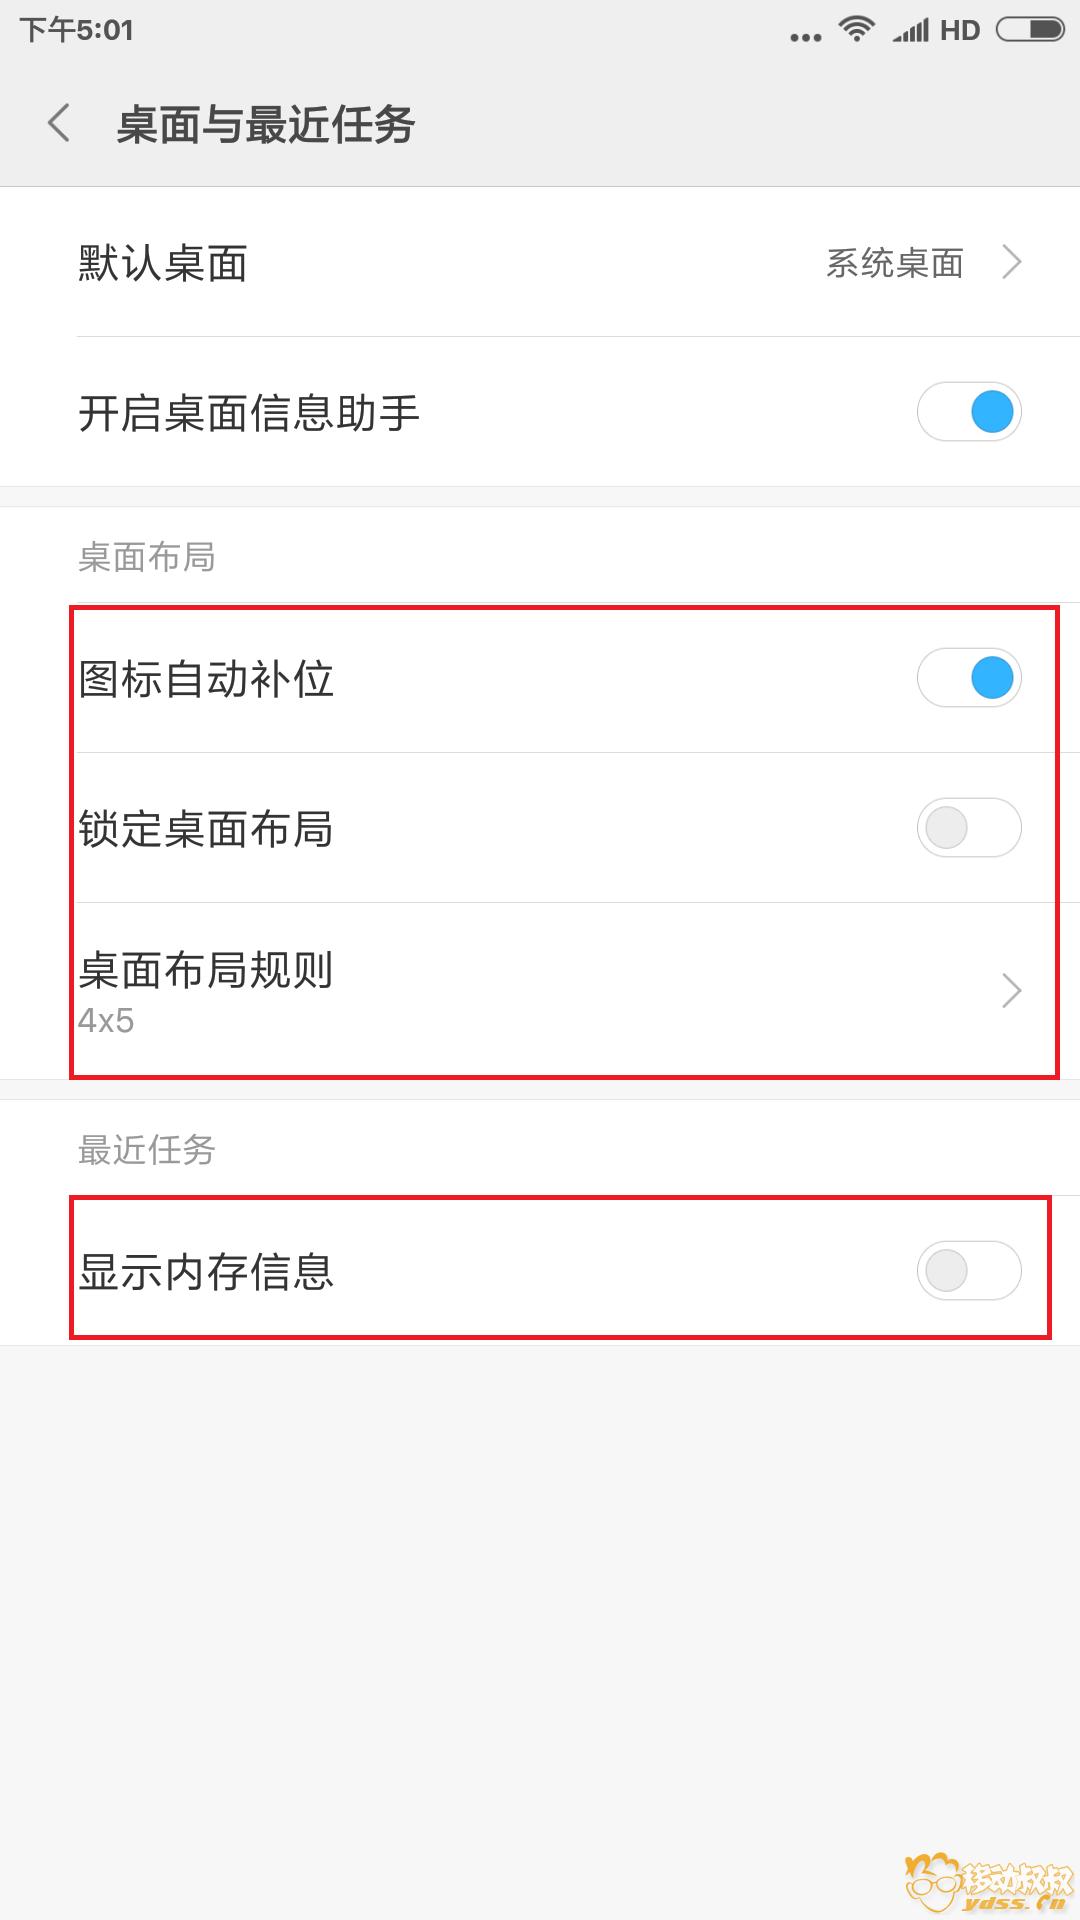 Screenshot_2018-05-19-17-01-31-001_com.miui.home.png